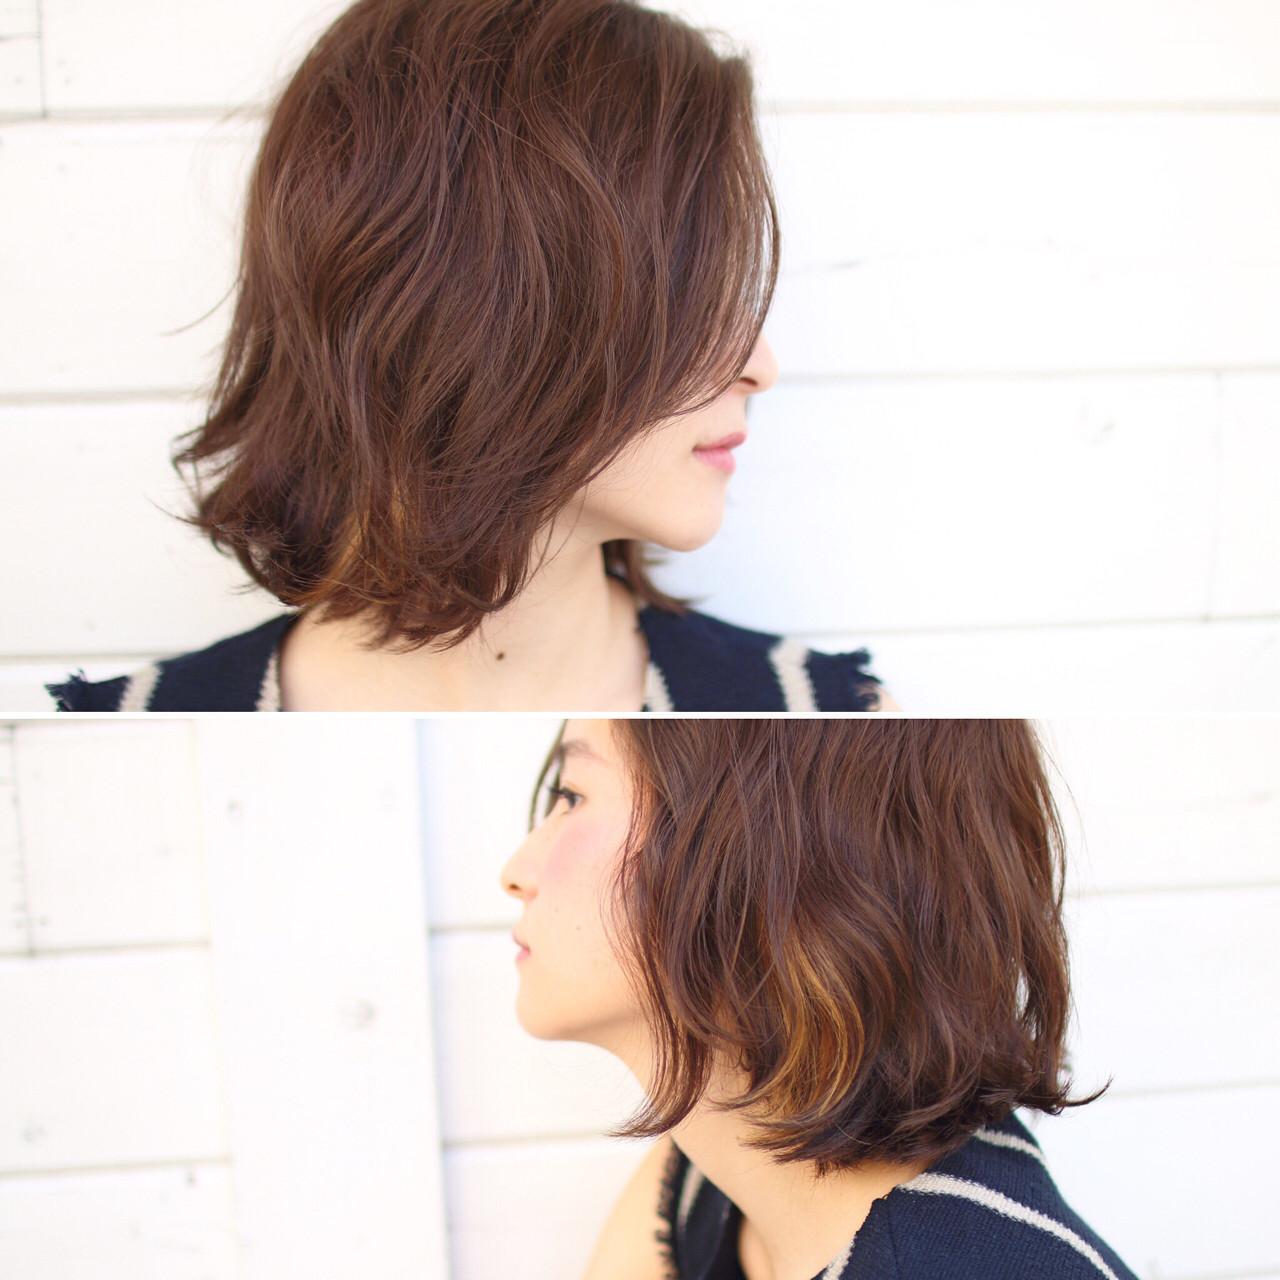 簡単ヘアアレンジ ボブ ガーリー ハイライト ヘアスタイルや髪型の写真・画像 | SHIN/白田慎 / MAGNOLiA(マグノリア)